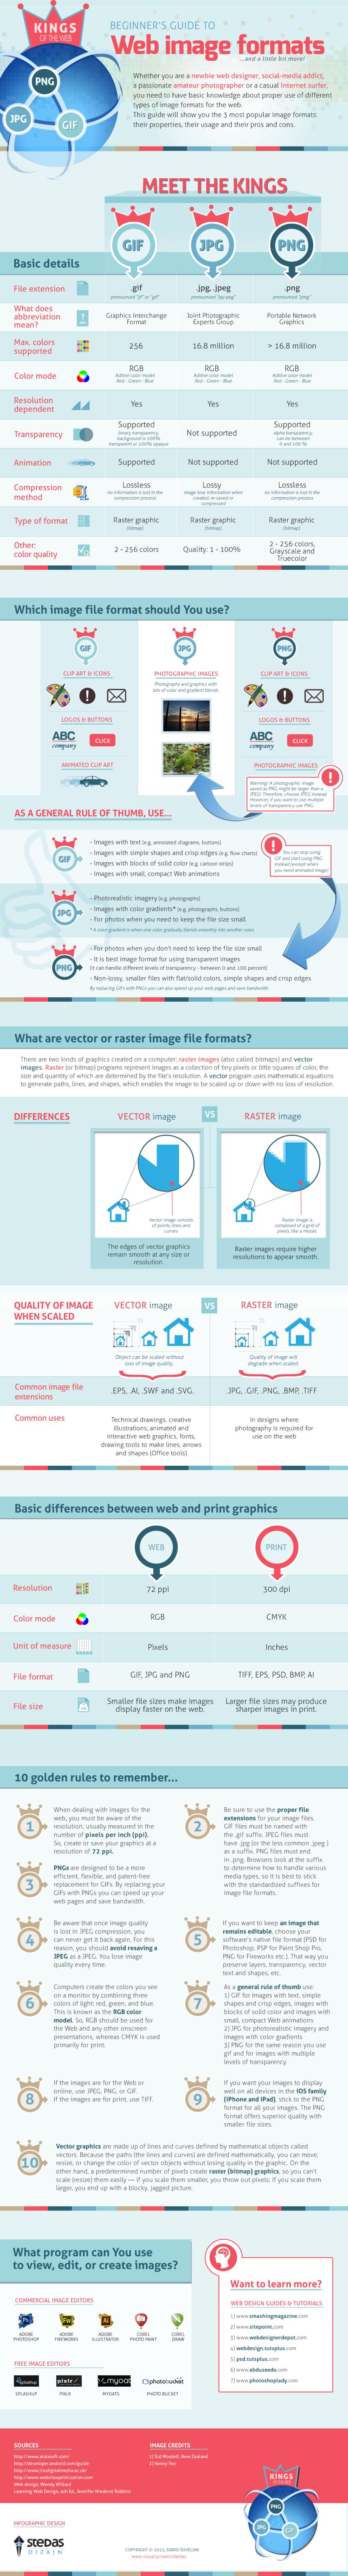 Guía sobre formatos de imagen para la web